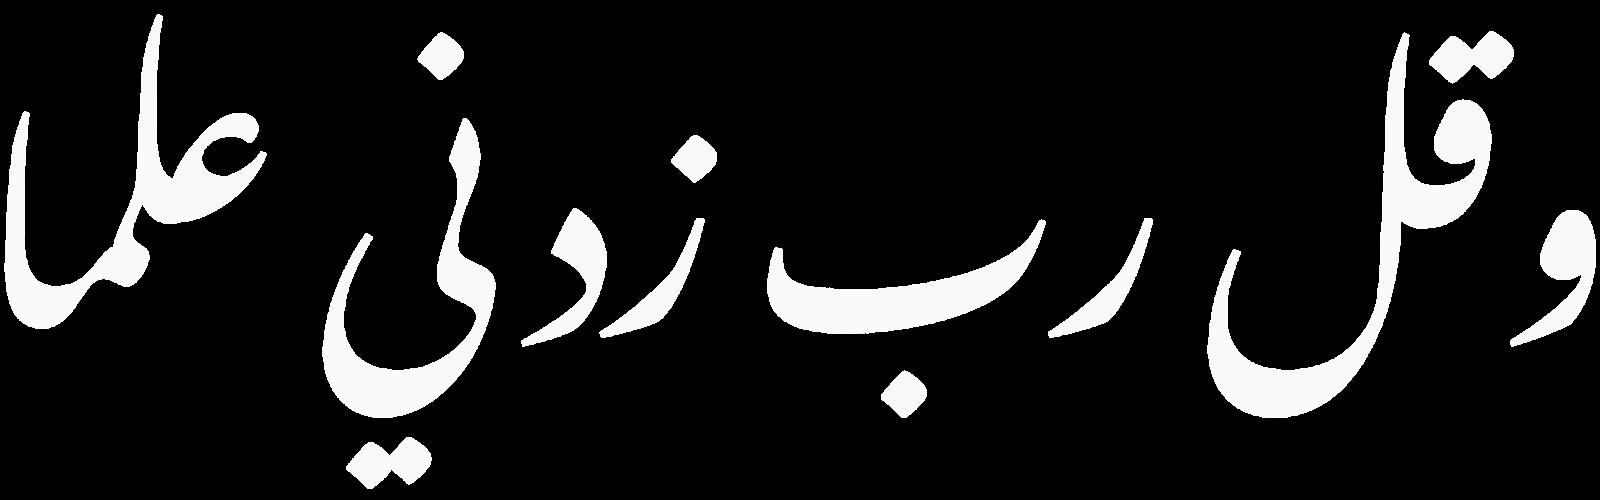 وقل رب زدني علما